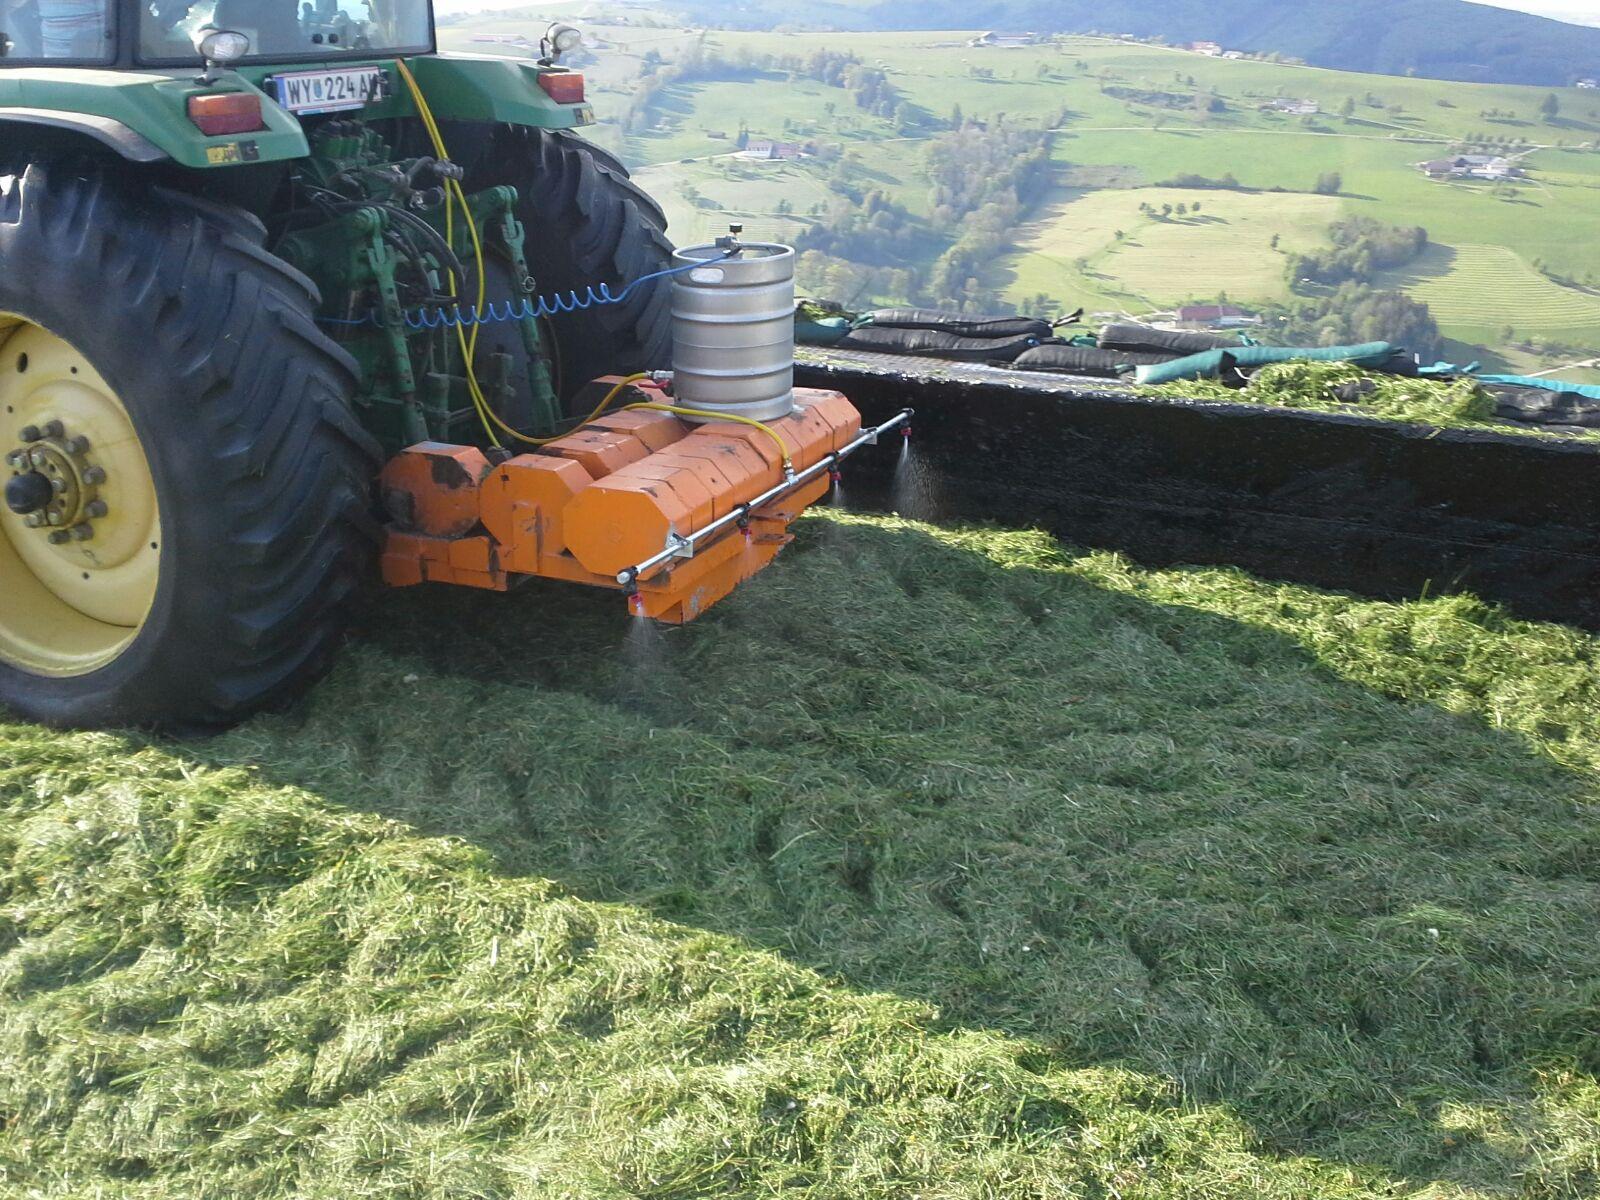 Wird während des Verdichtens KE-agrar dosiert, so ist jede frische Lage mit KE-agrar zu behandeln.